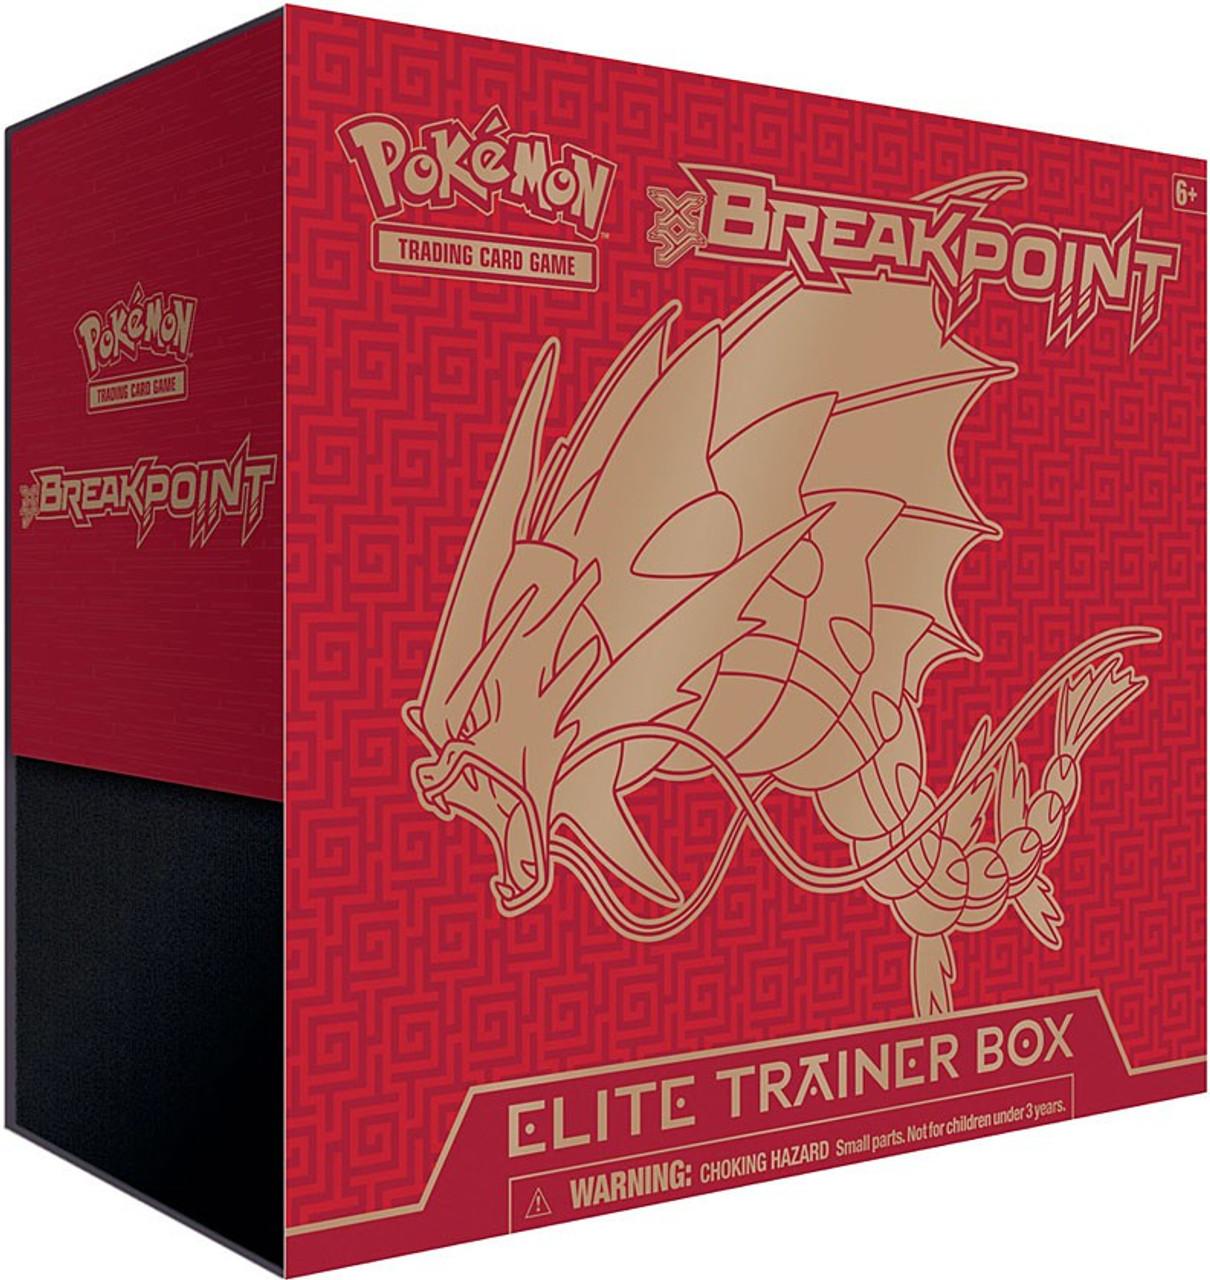 Pokemon XY BREAKpoint Elite Trainer Box Mega Gyarados